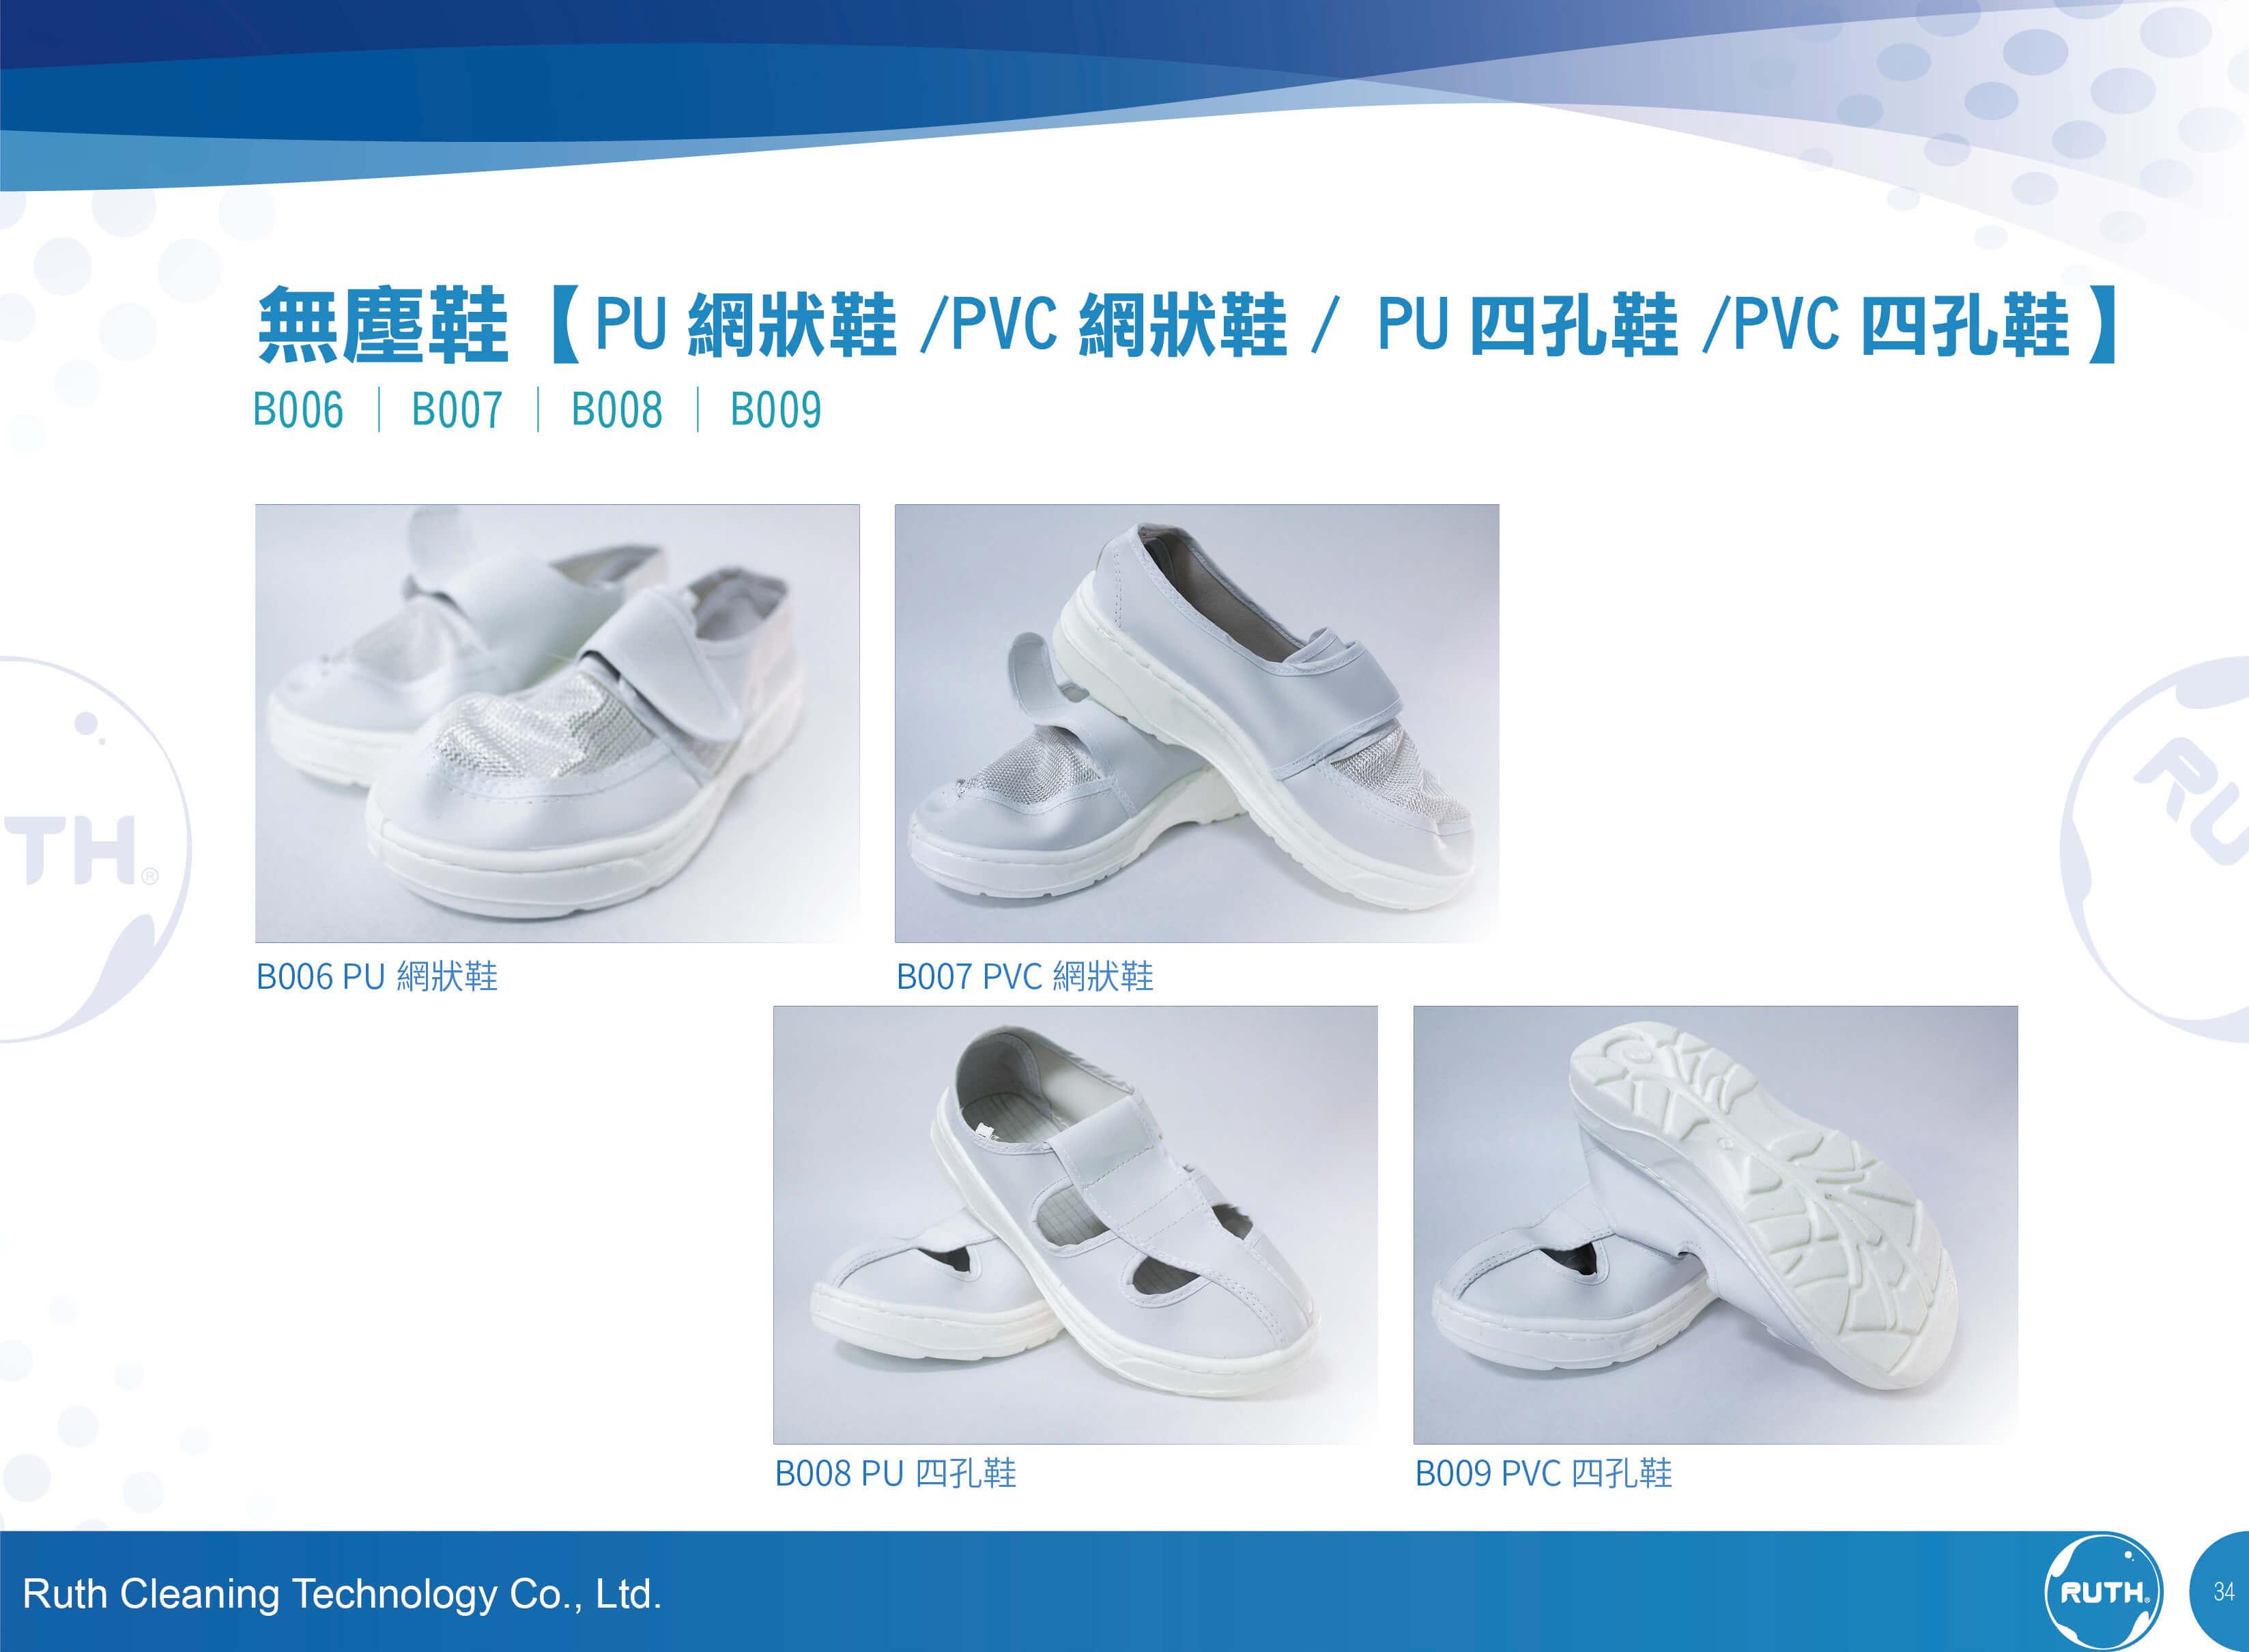 路得潔淨 無塵鞋 PU網狀鞋 PVC網狀鞋 PU四孔鞋 PVC四孔鞋